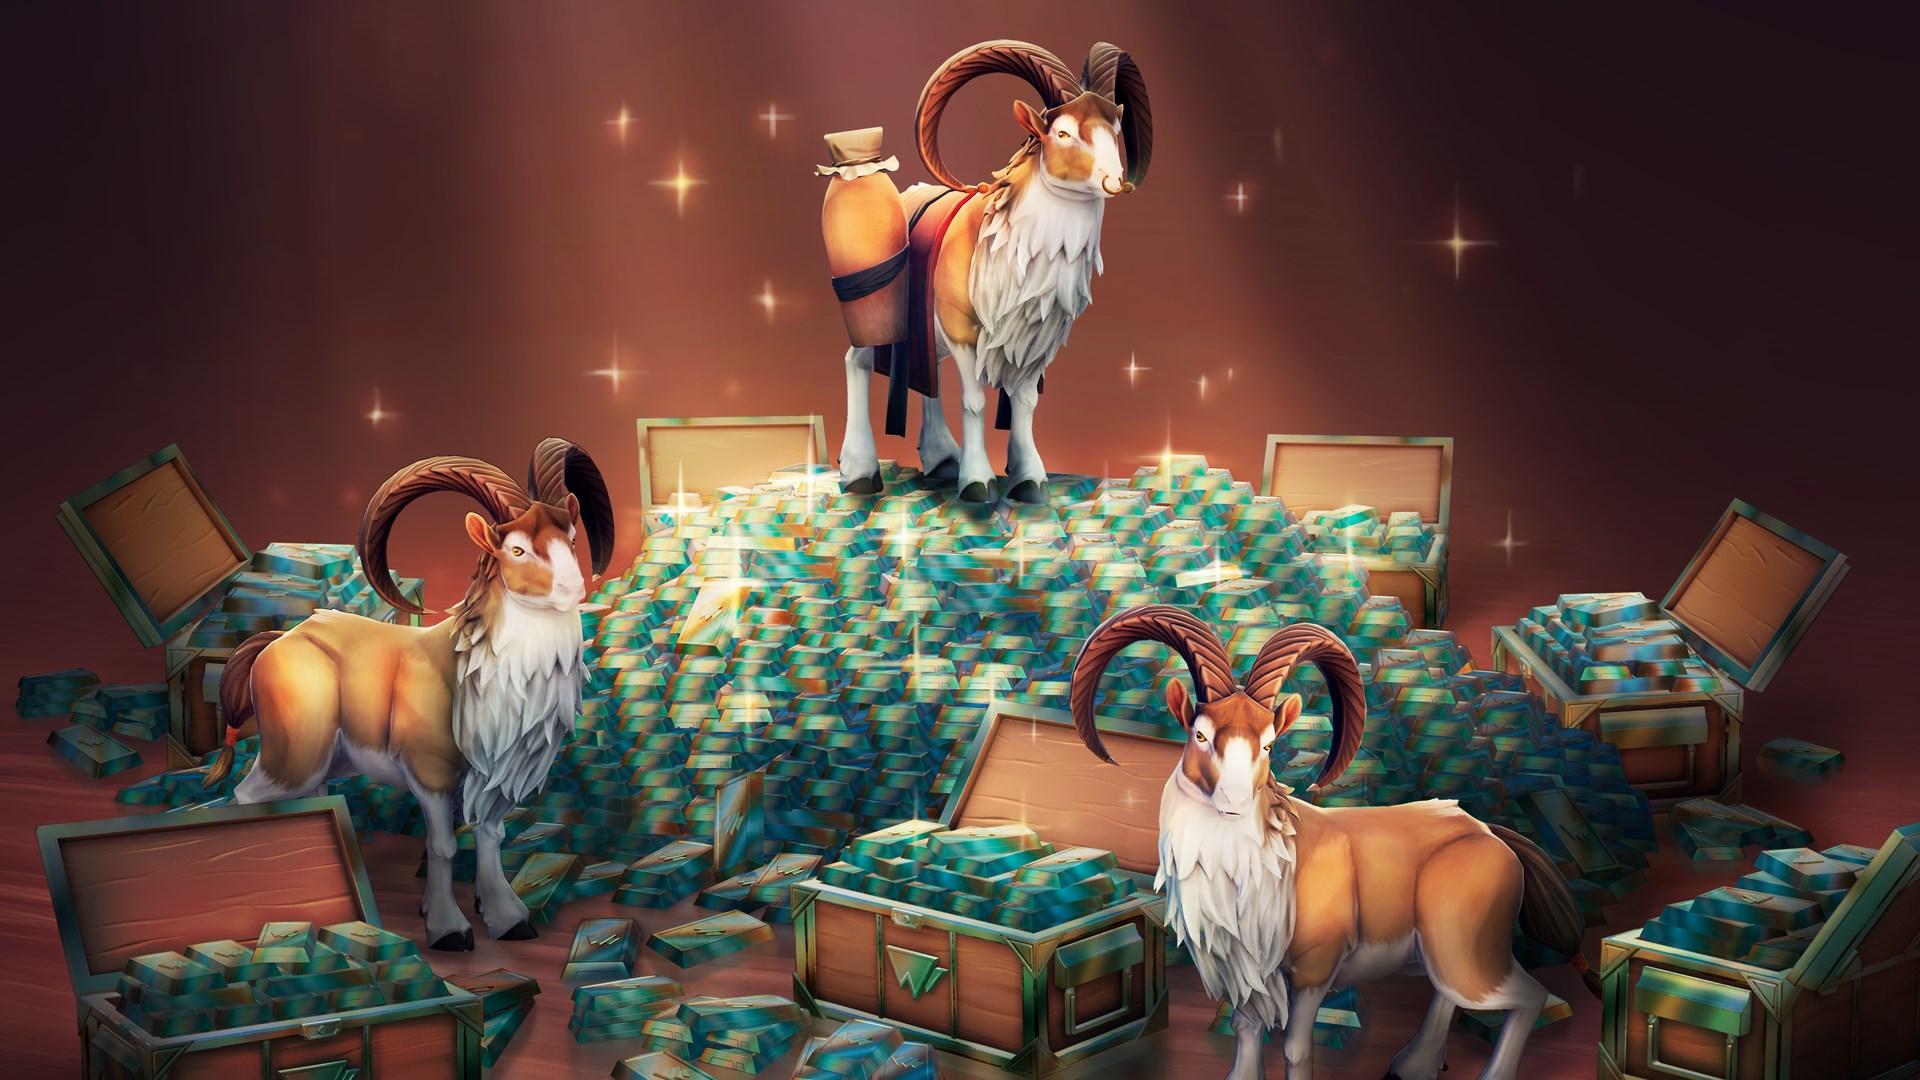 Buy Dauntless - 10,000 (+4,000 Bonus) Platinum - Microsoft Store